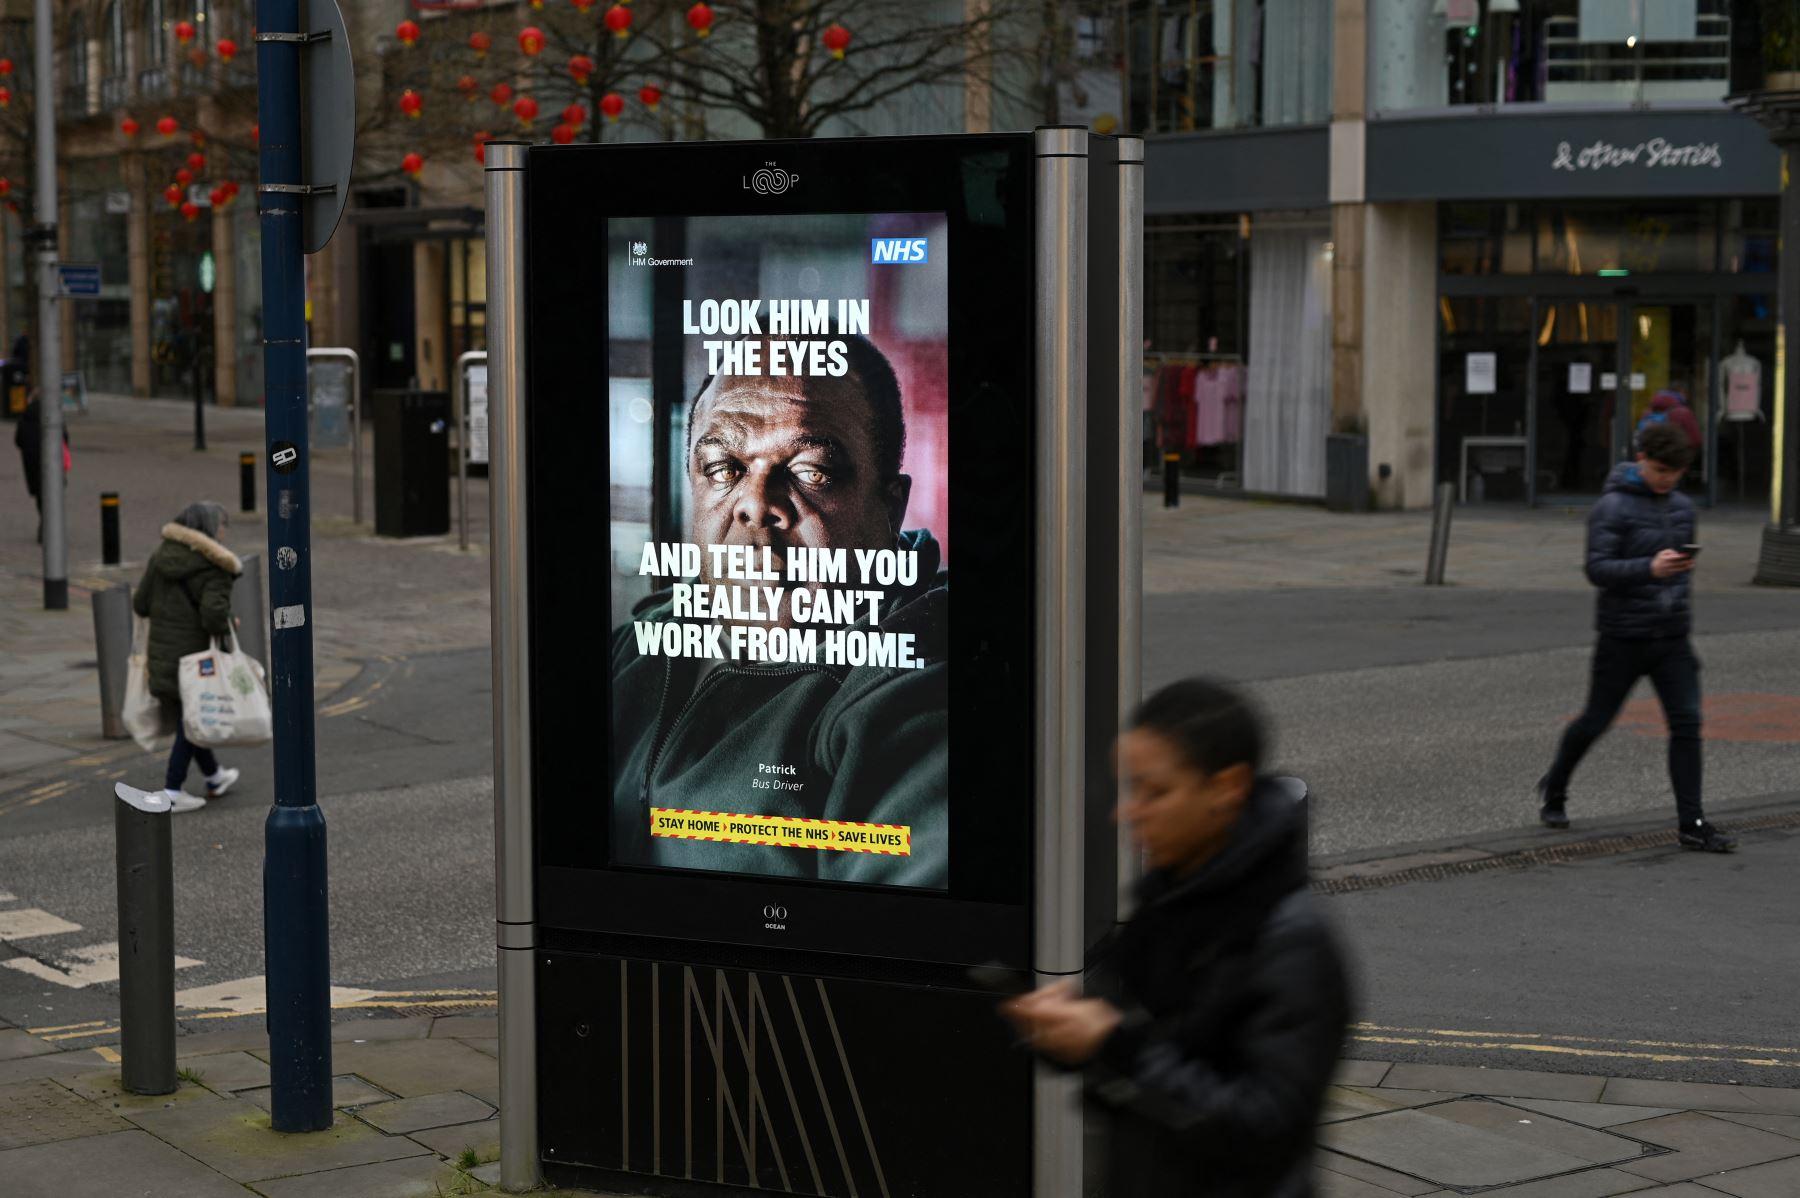 Un póster de información del Gobierno Covid-19 se exhibe en Manchester, norte de Inglaterra, el 19 de febrero de 2021, mientras la vida continúa bajo el tercer bloqueo del coronavirus. Foto: AFP